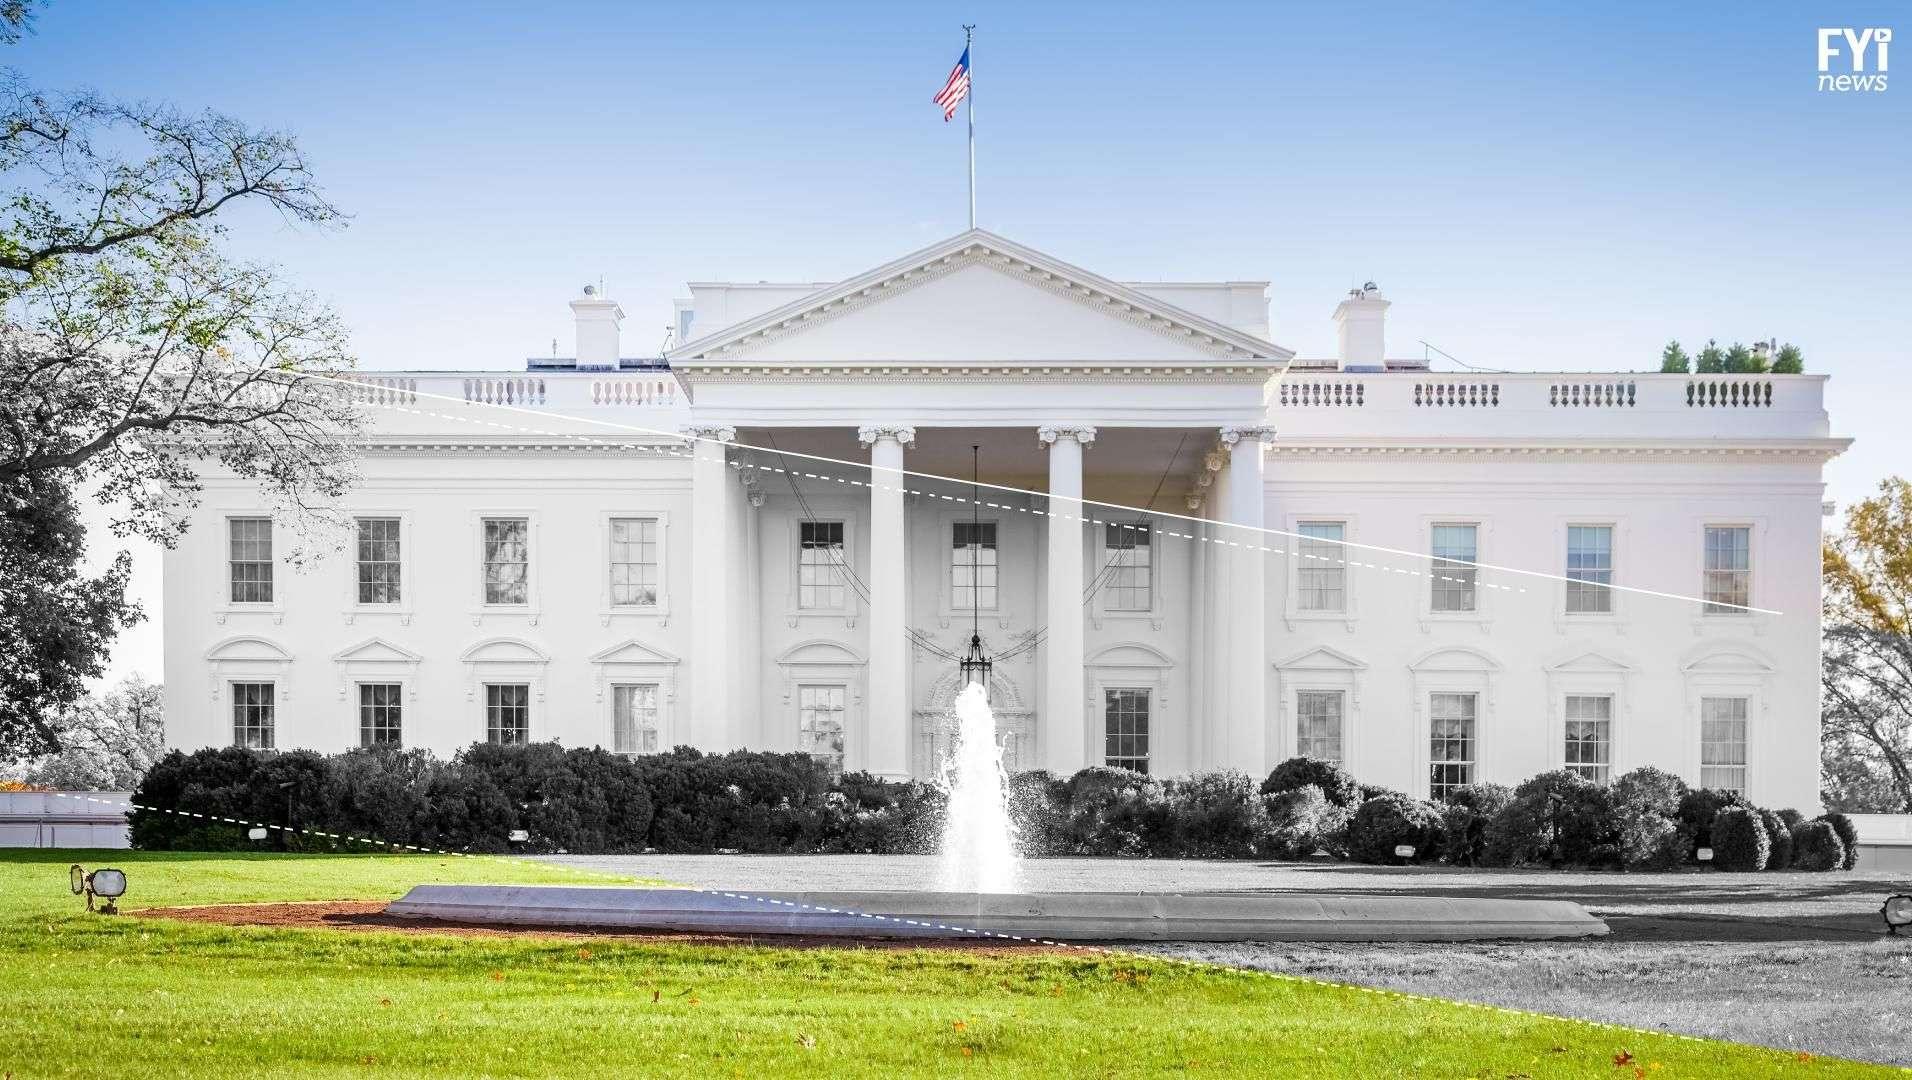 Administración de Trump revisa los teléfonos a sus empleados